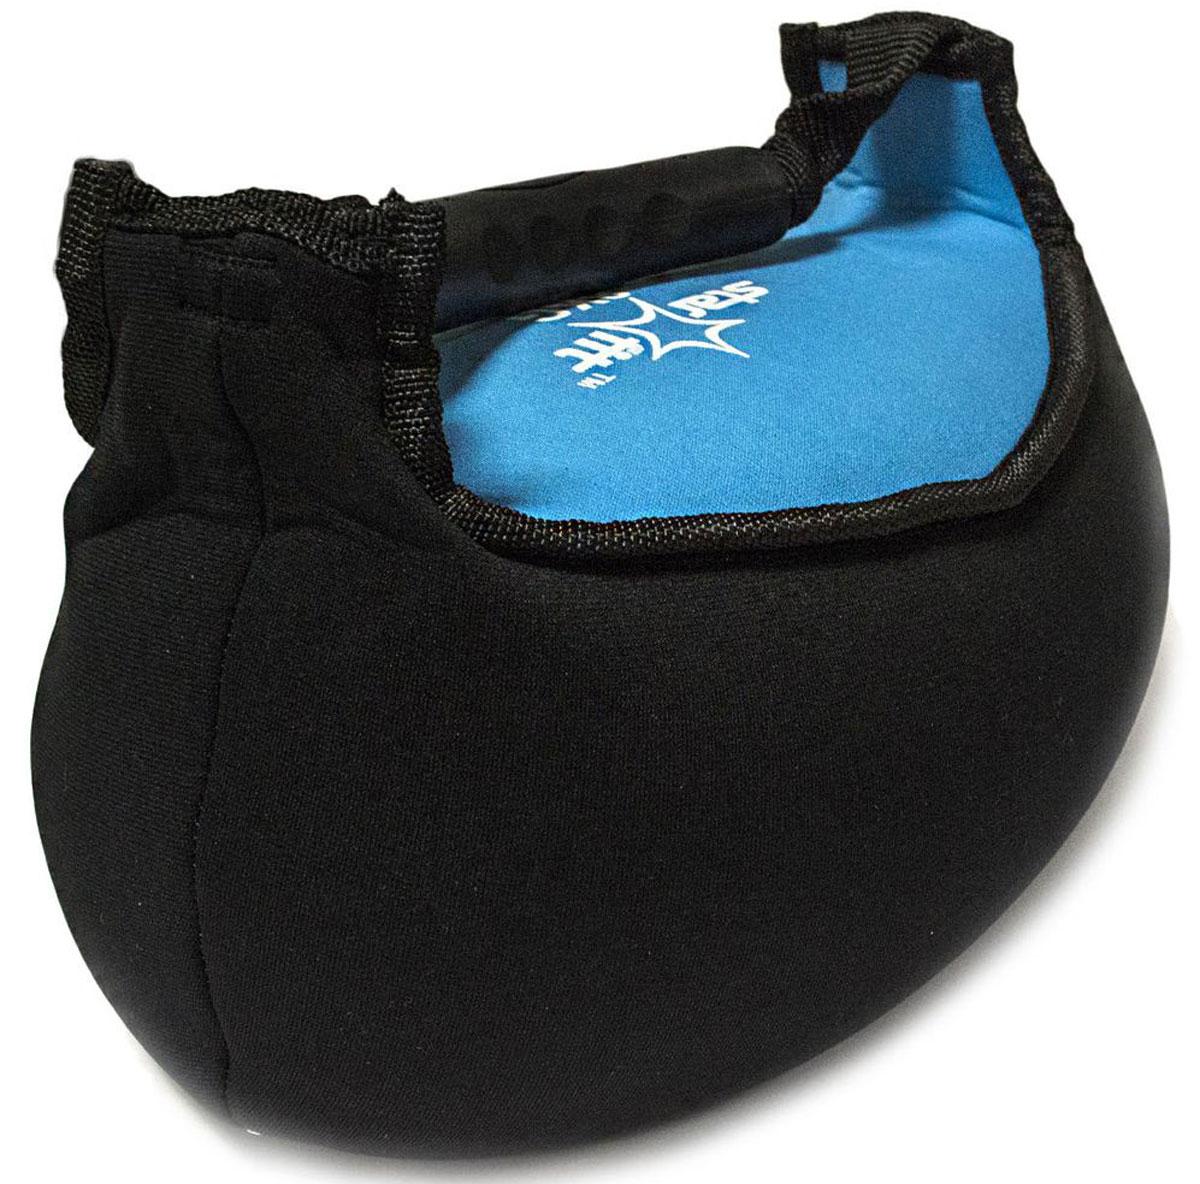 Гиря мягкая неопреновая  Starfit , цвет: черный, синий, 8 кг - Оборудование для силовых тренировок